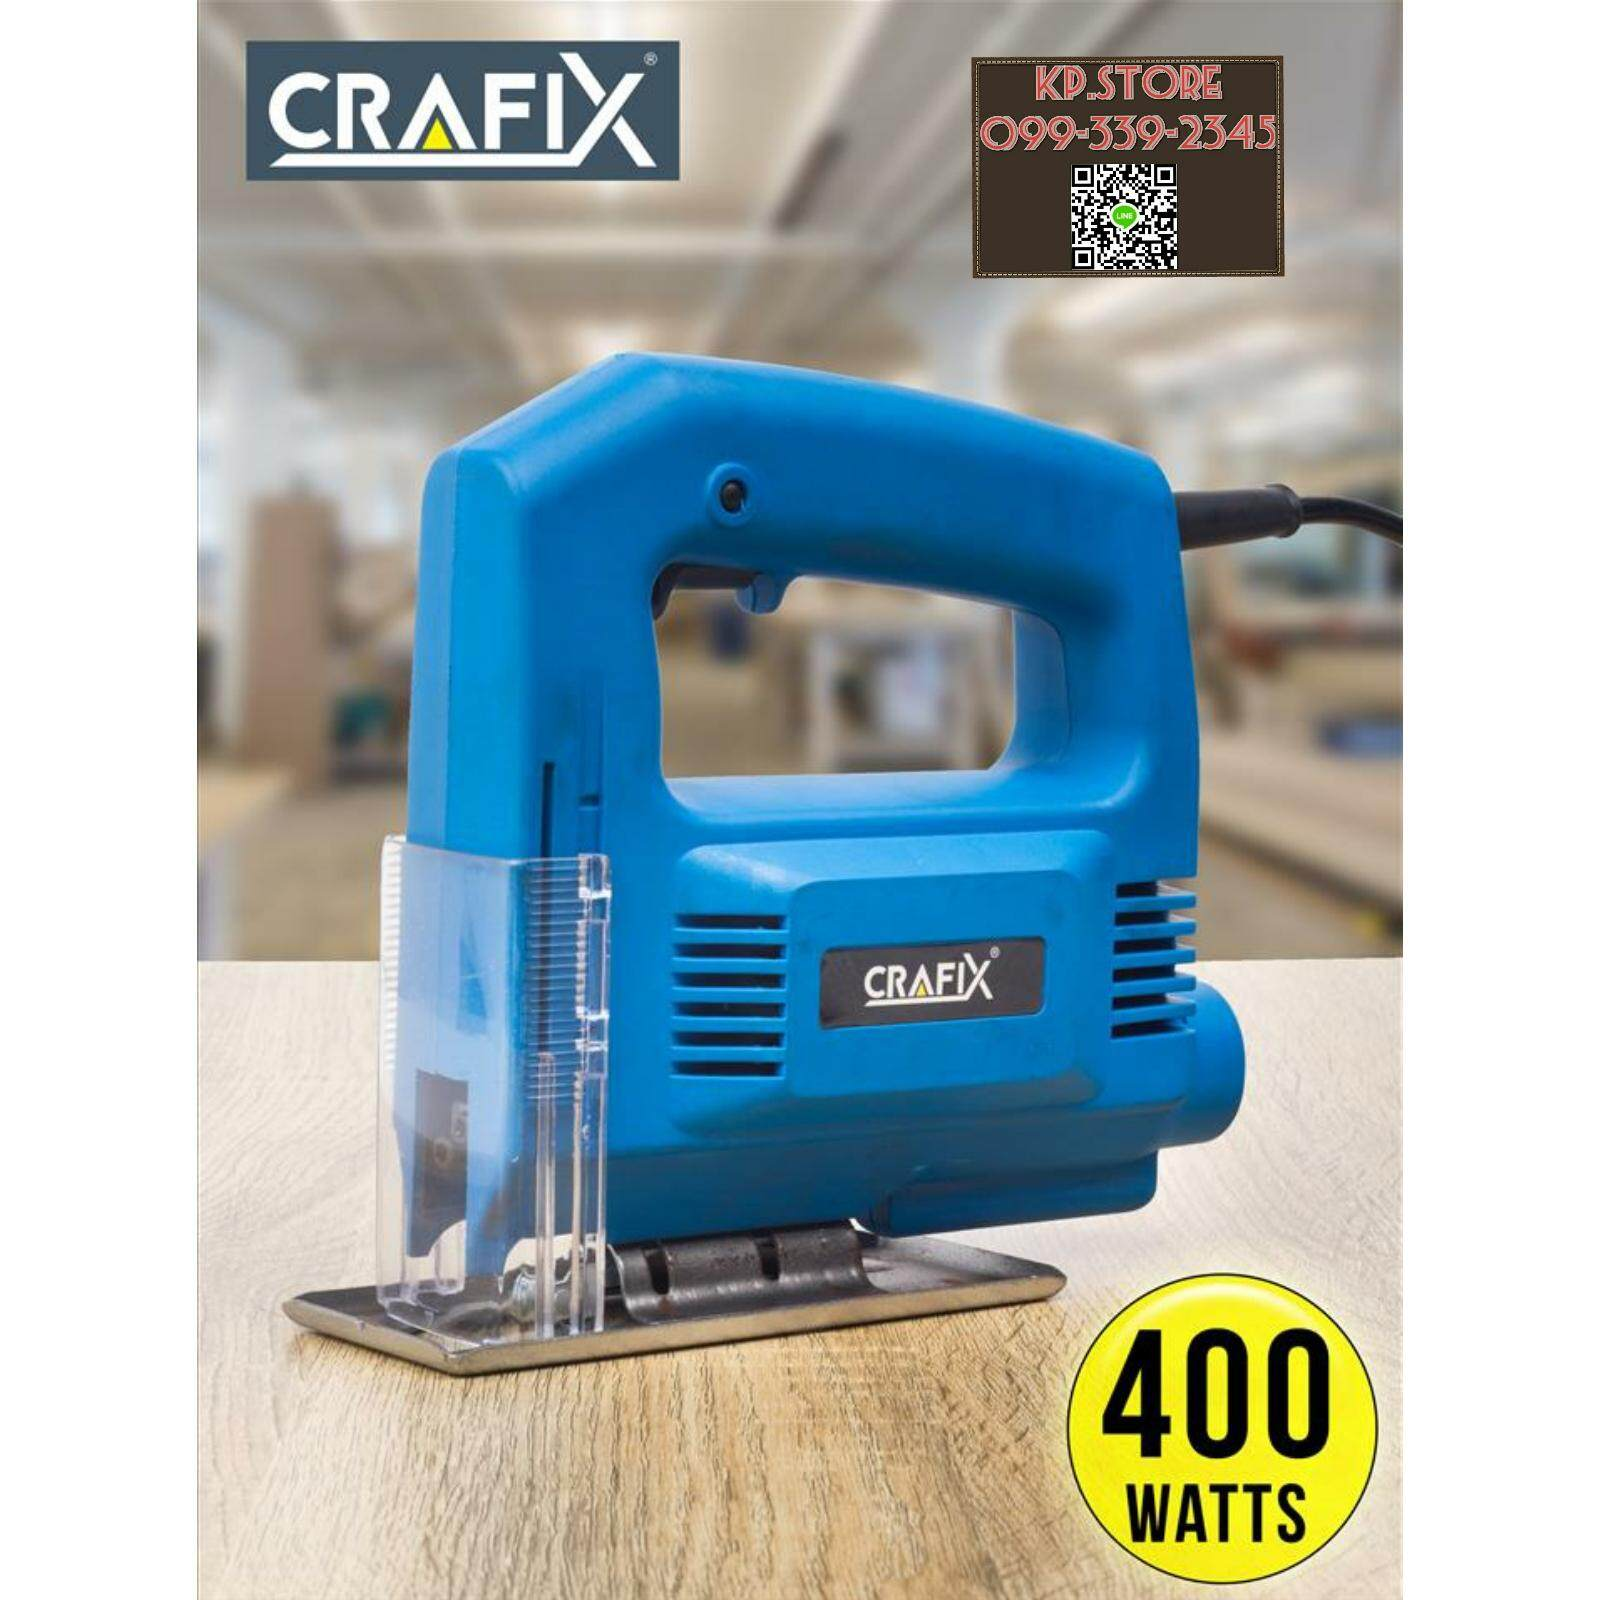 เลื่อยฉลุไฟฟ้า Crafix 400w By Kp.store.